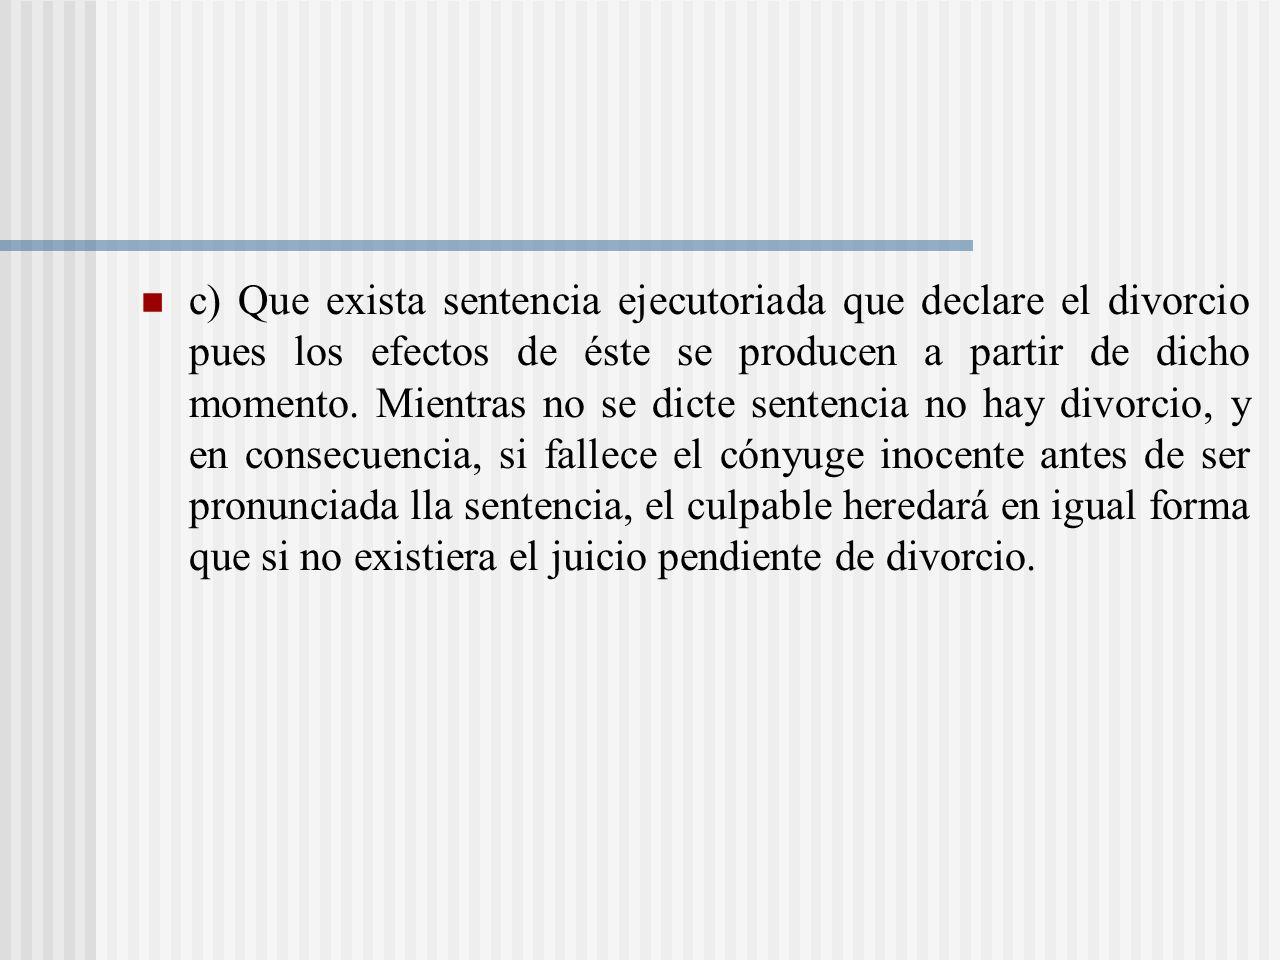 c) Que exista sentencia ejecutoriada que declare el divorcio pues los efectos de éste se producen a partir de dicho momento.